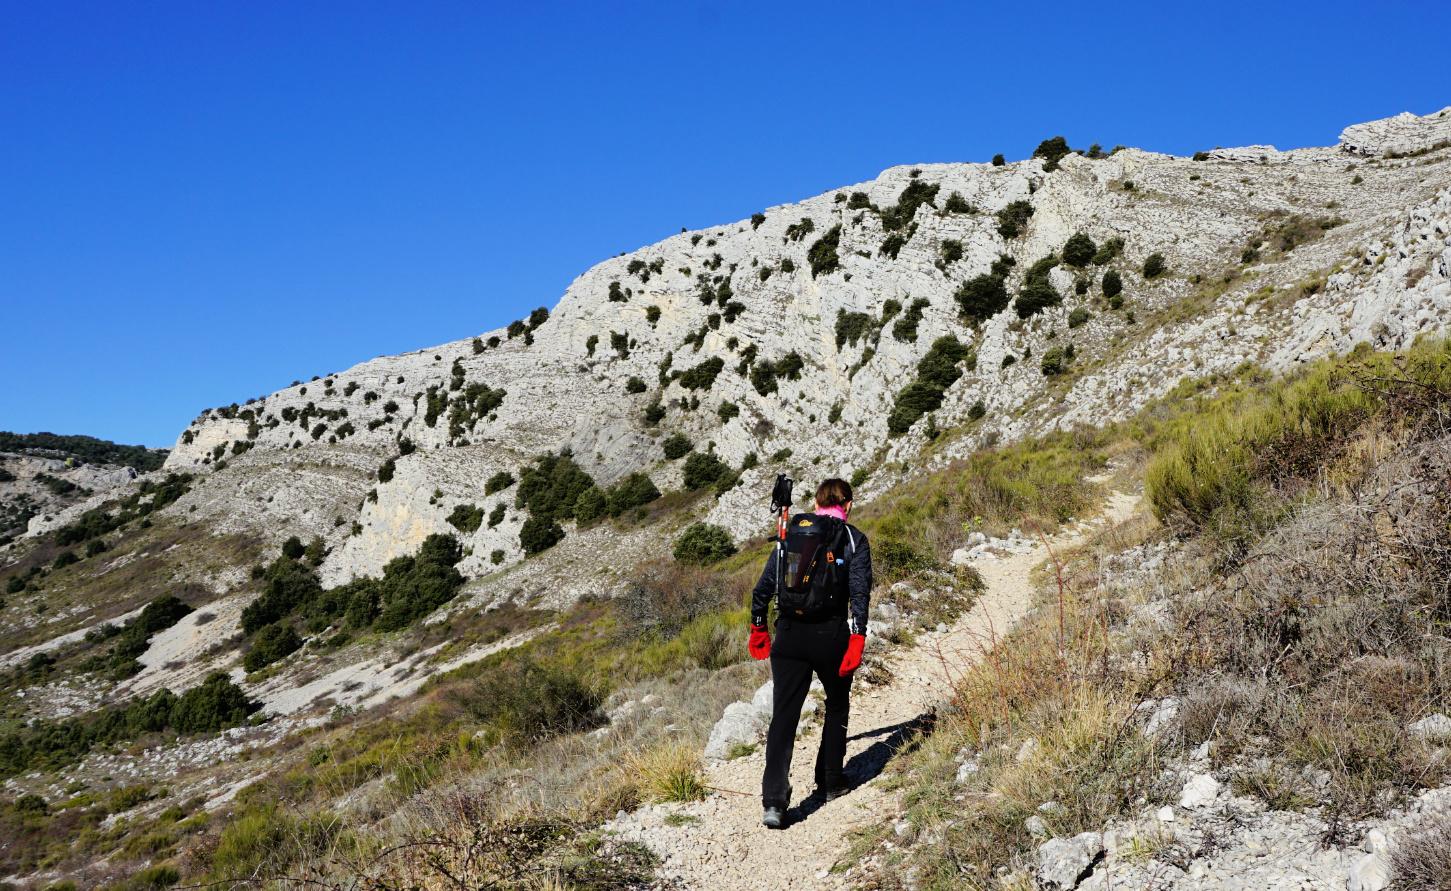 Trail to Plateau de Cavillore